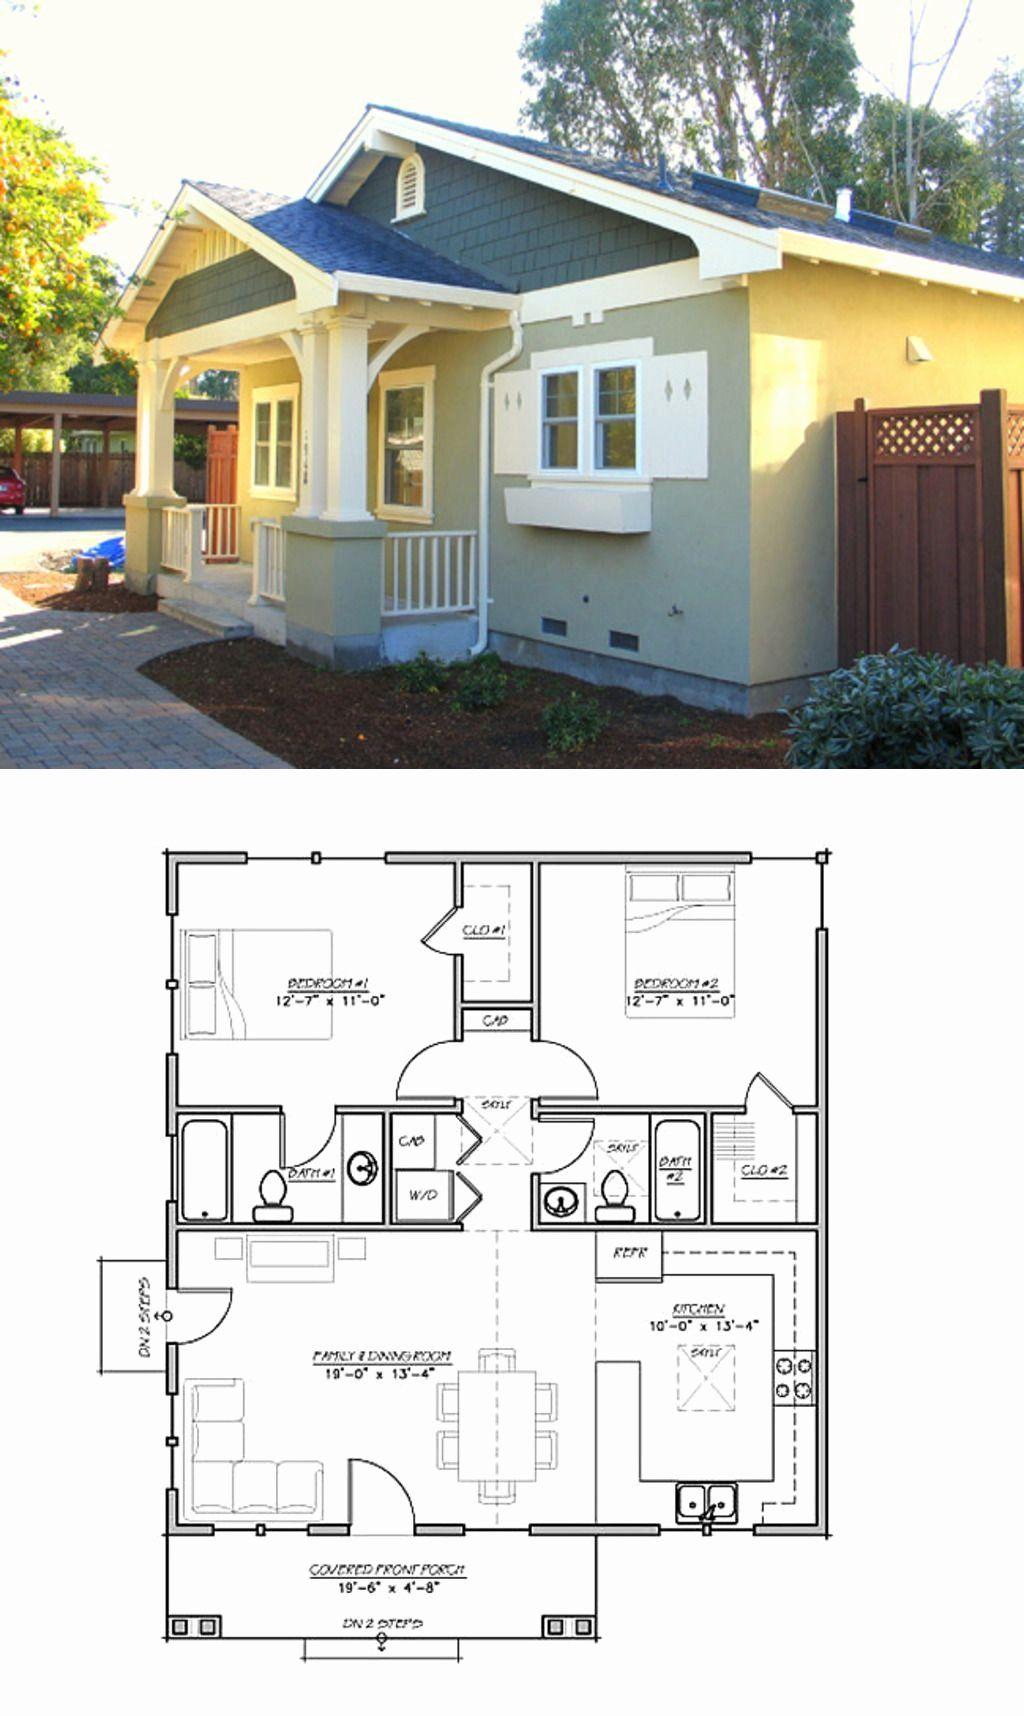 Craftman Style House Plans Unique Craftsman Style House Plan 2 Beds 2 Baths Craftsman Style House Plans Craftsman House Plans Small Craftsman Style House Plans